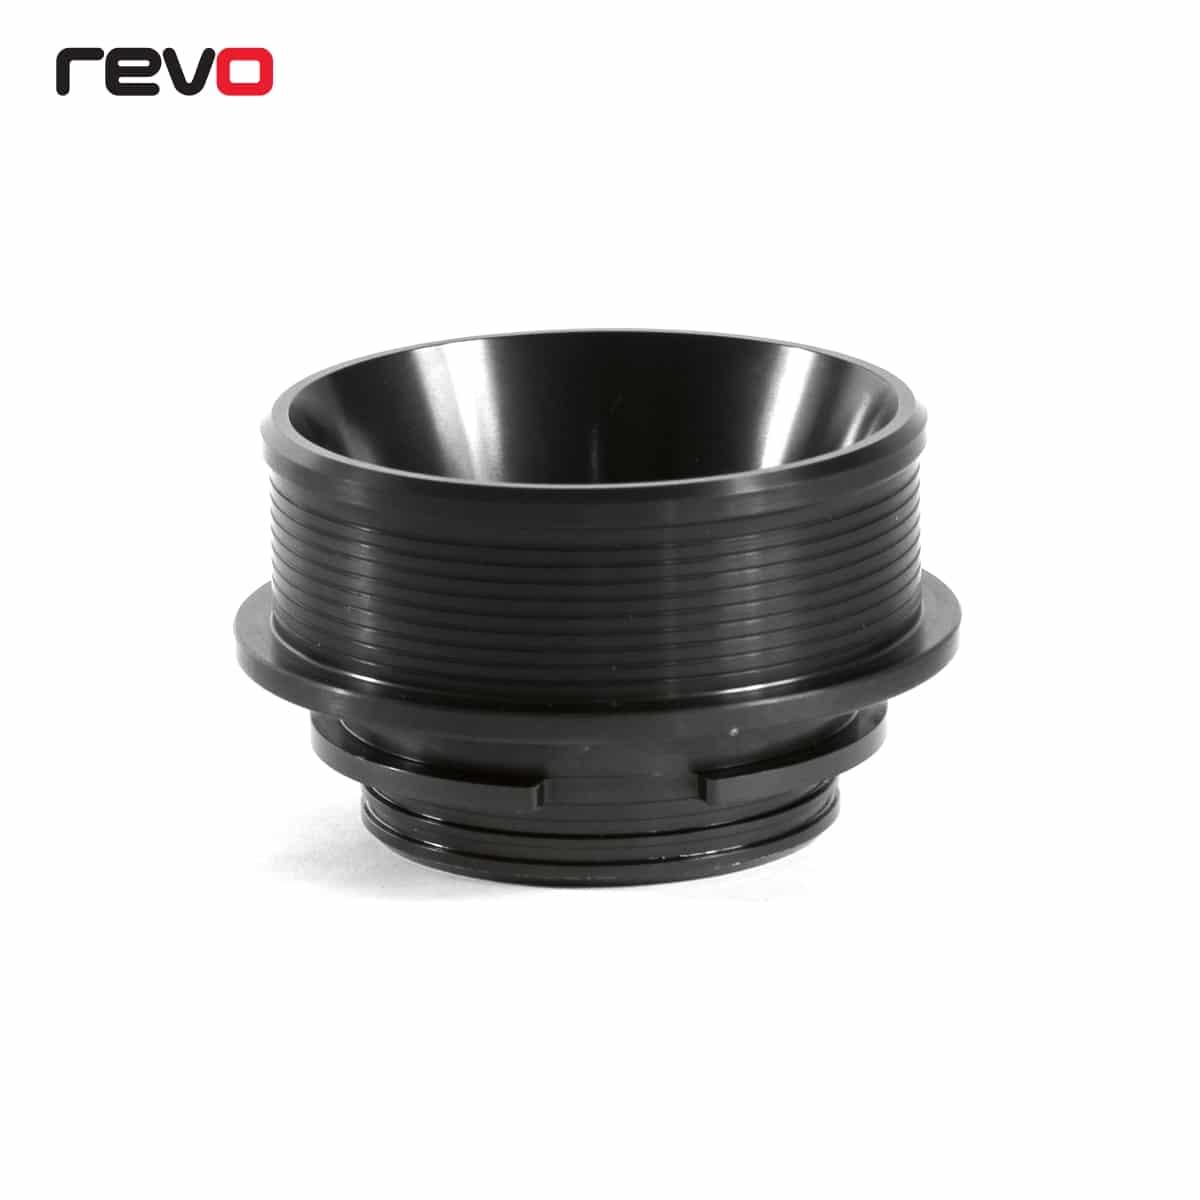 Revo MQB Machined Turbo Inlet (IS38 ETR Hybrid Turbo) - RV582M201700